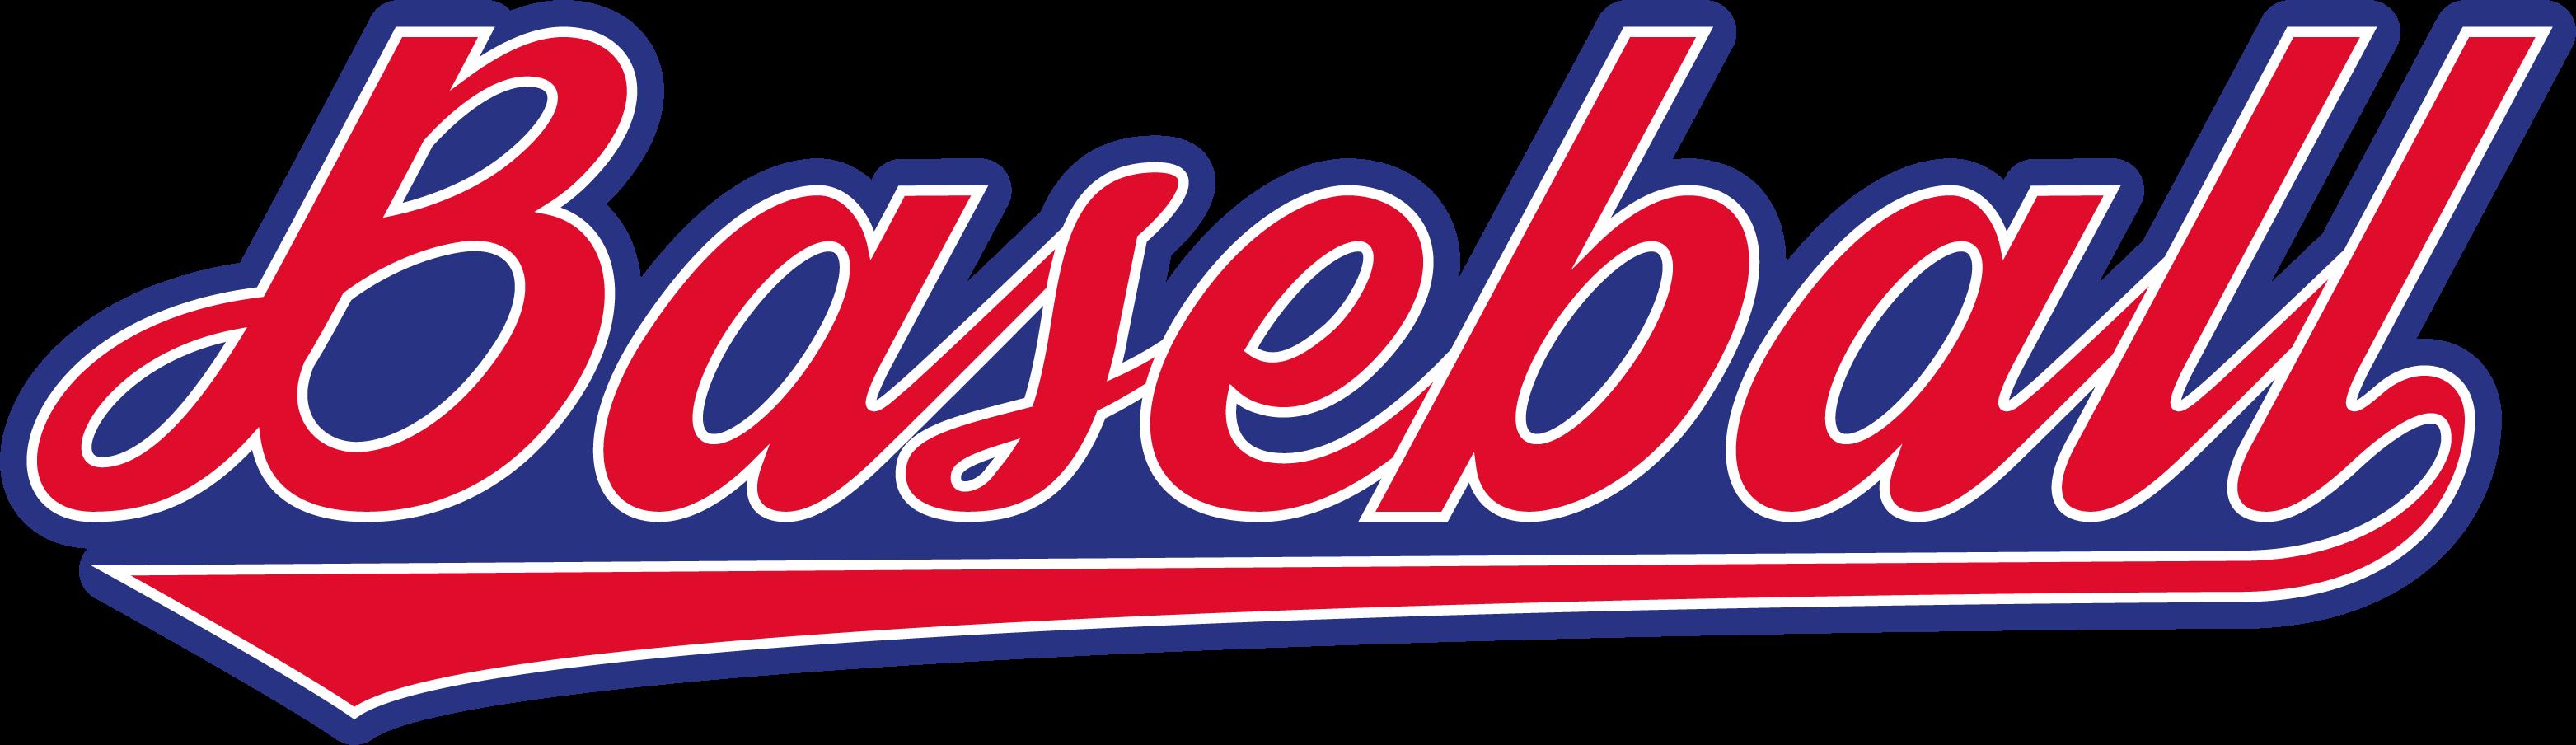 Baseball – Béisbol